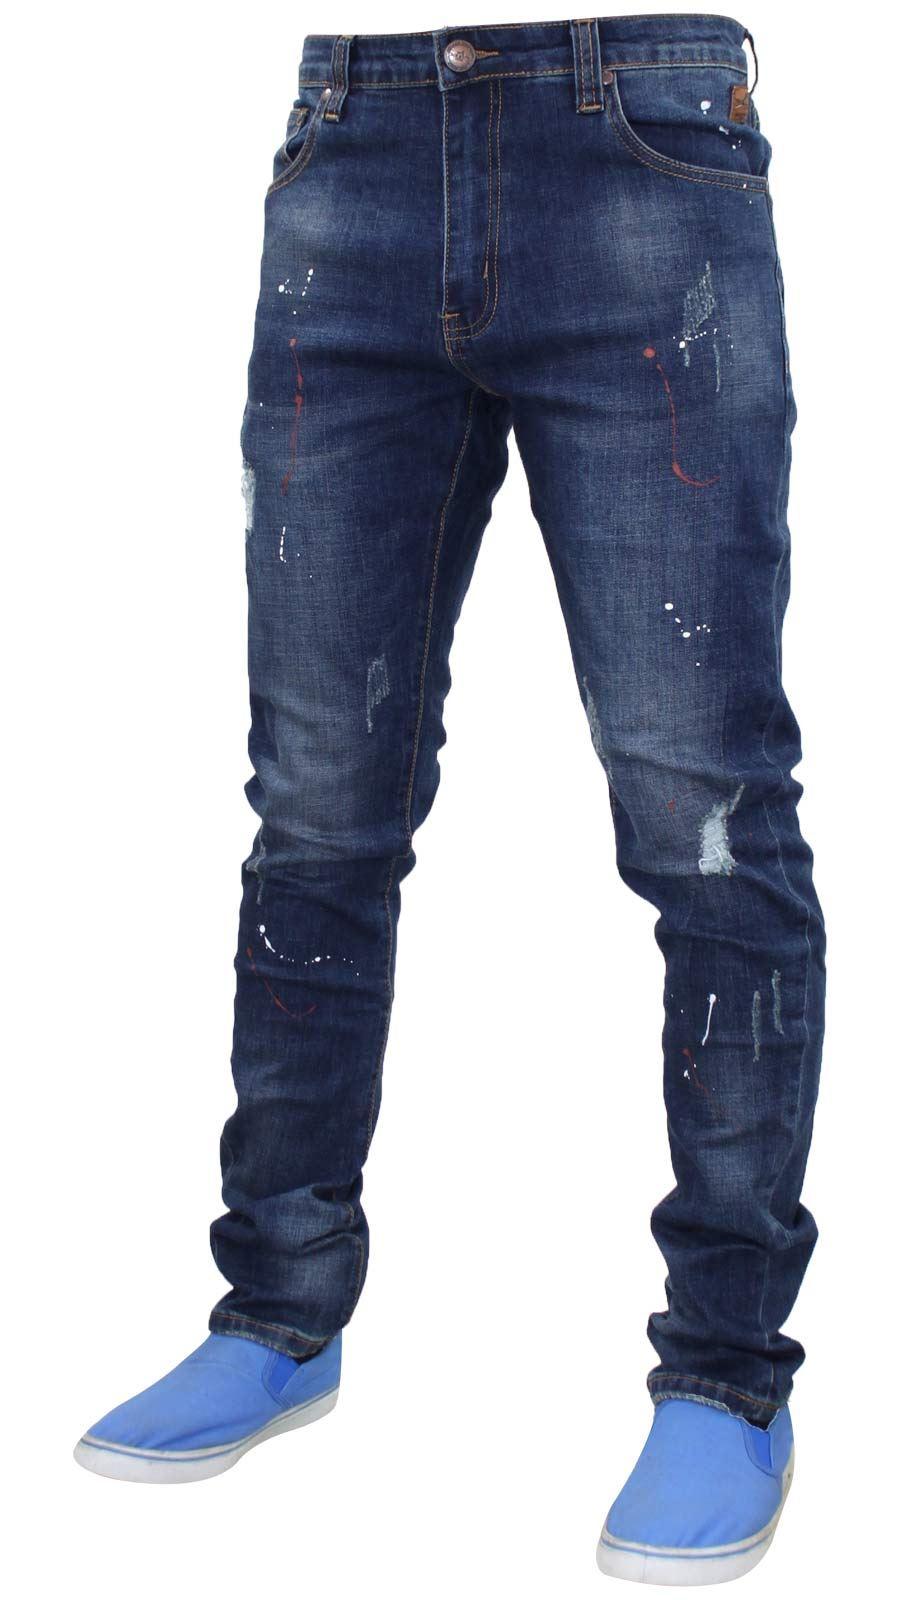 Mens Slim Fit Ripped Stretch Jeans Jacksouth Paint Splash Cotton Denim Pants